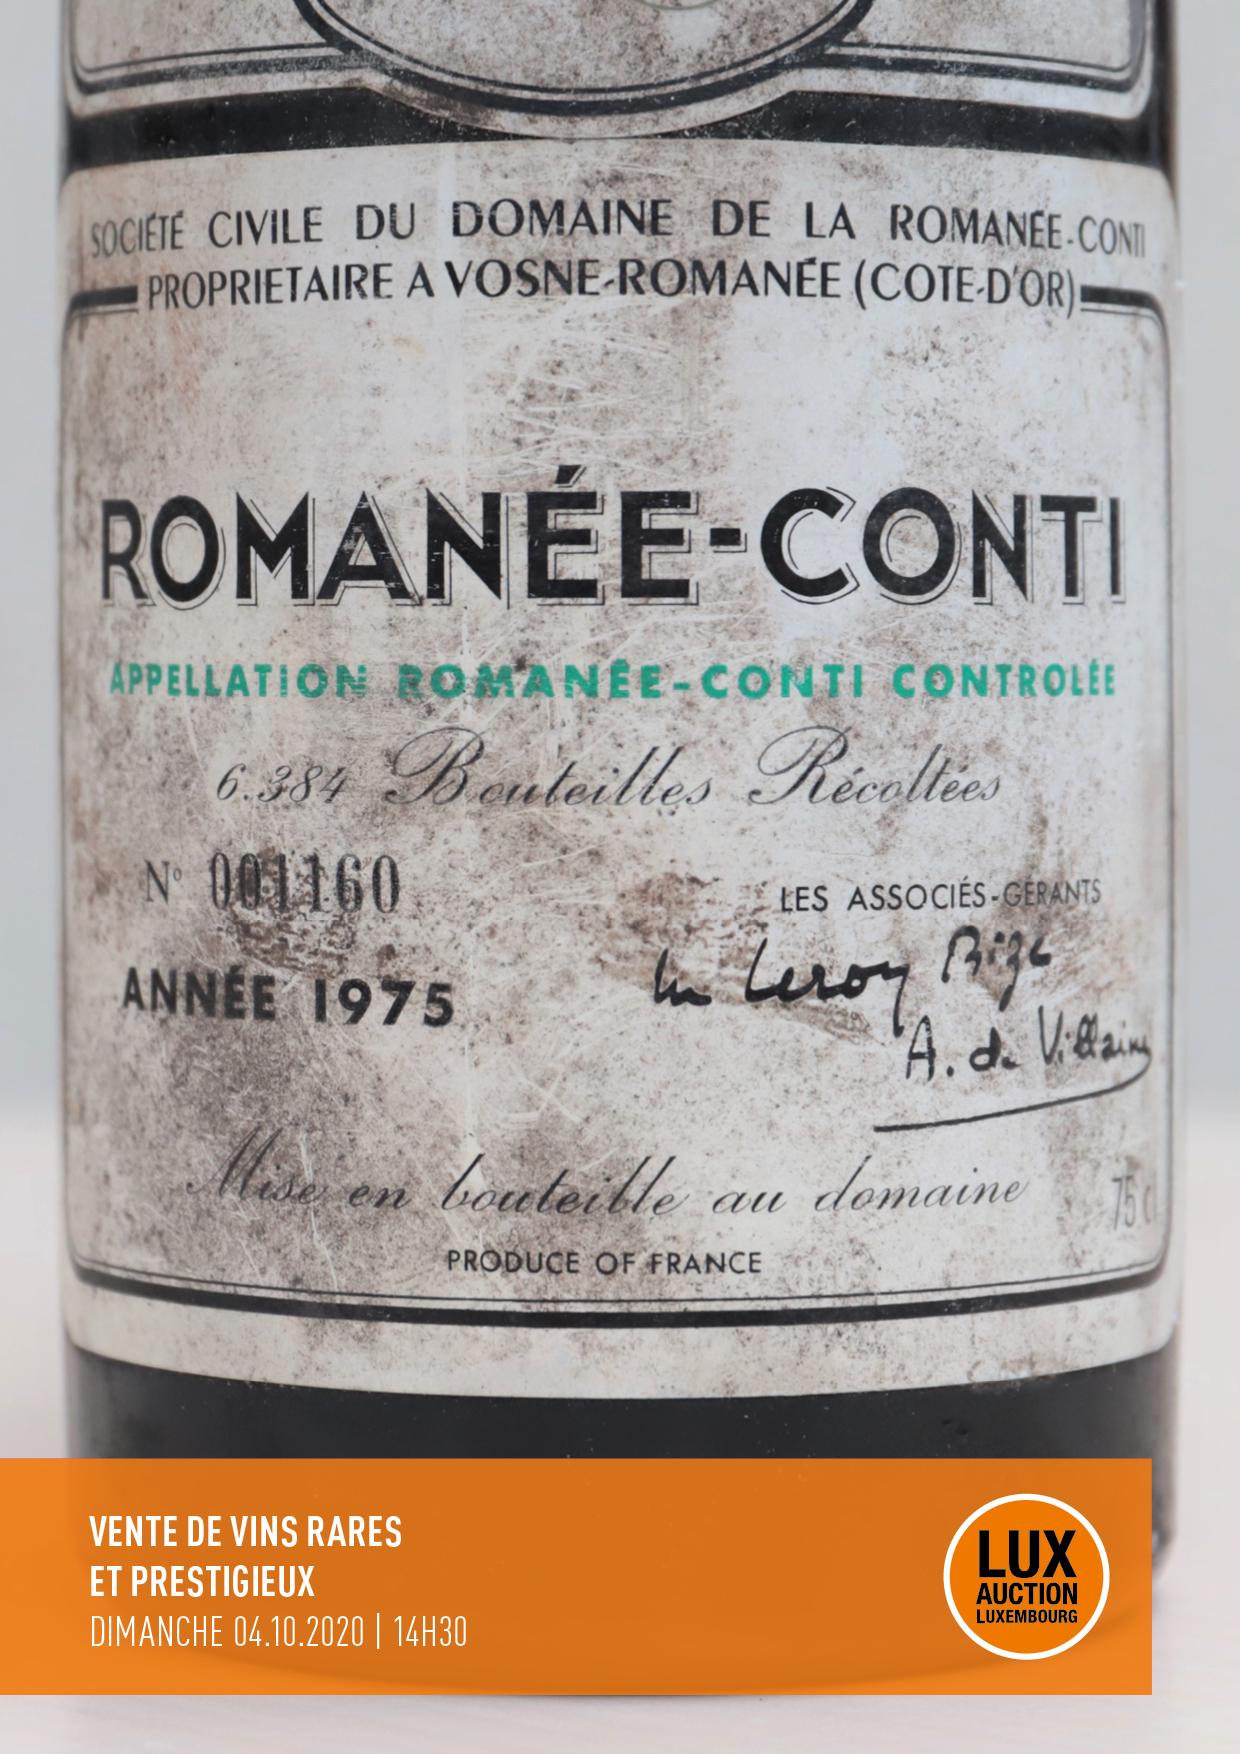 Vente Vins rares et prestigieux chez Lux-Auction : 229 lots